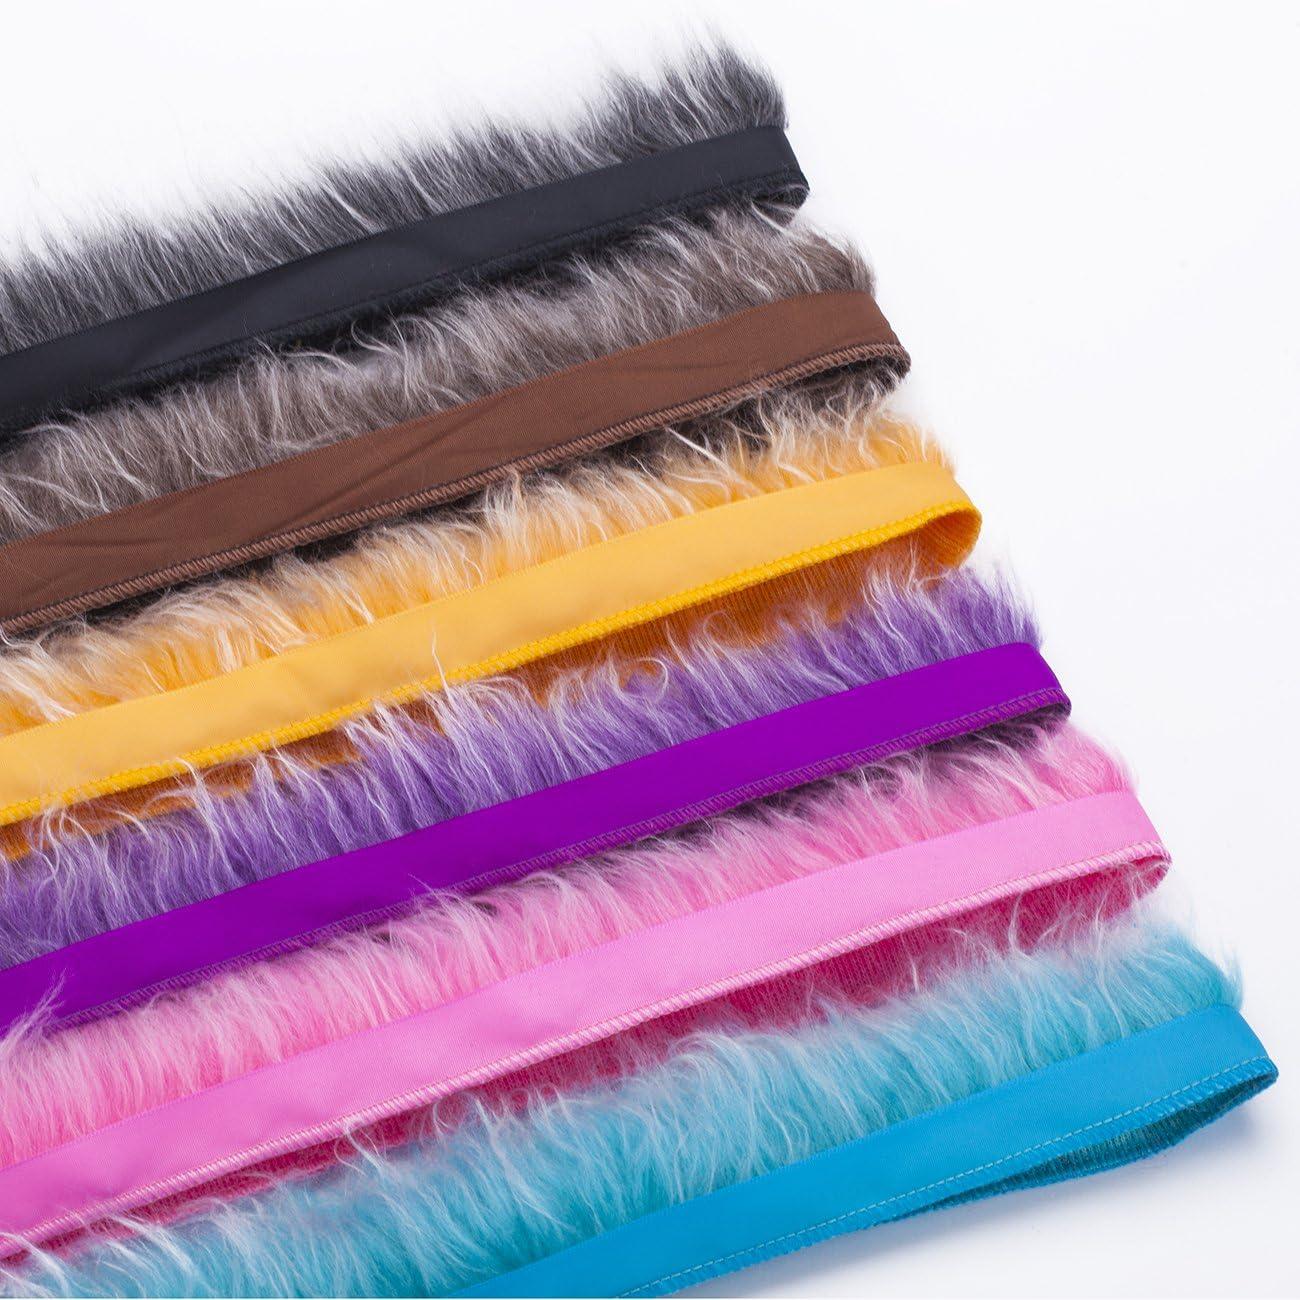 Vendu au yard Ruban satin et frange en fausse fourrure bicolore effet laine Neotrims Poils /épais d/éguisement Pour costume Ruban sur le c/ôt/é pour une couture facile. d/écoration